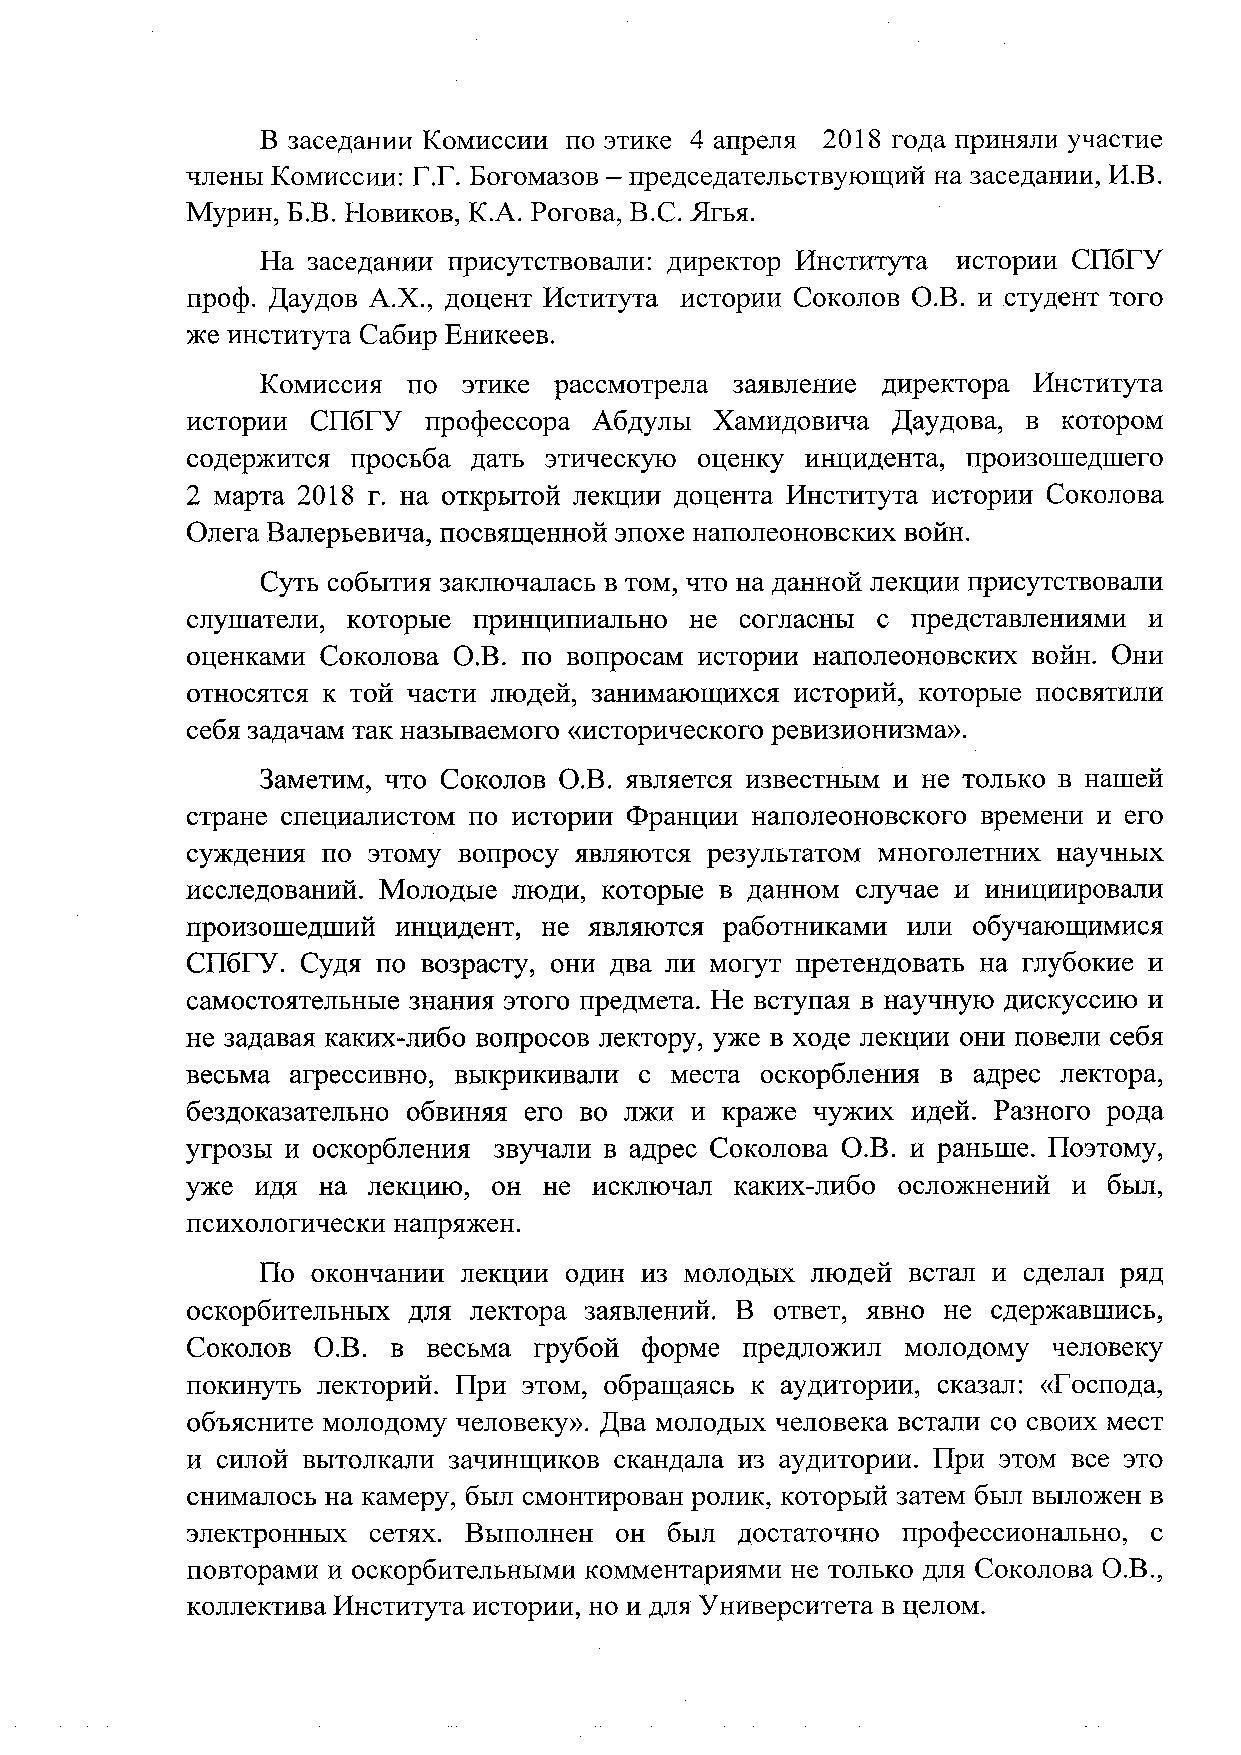 Решение комиссии по этике Ученого совета Санкт-Петербургского государственного университета